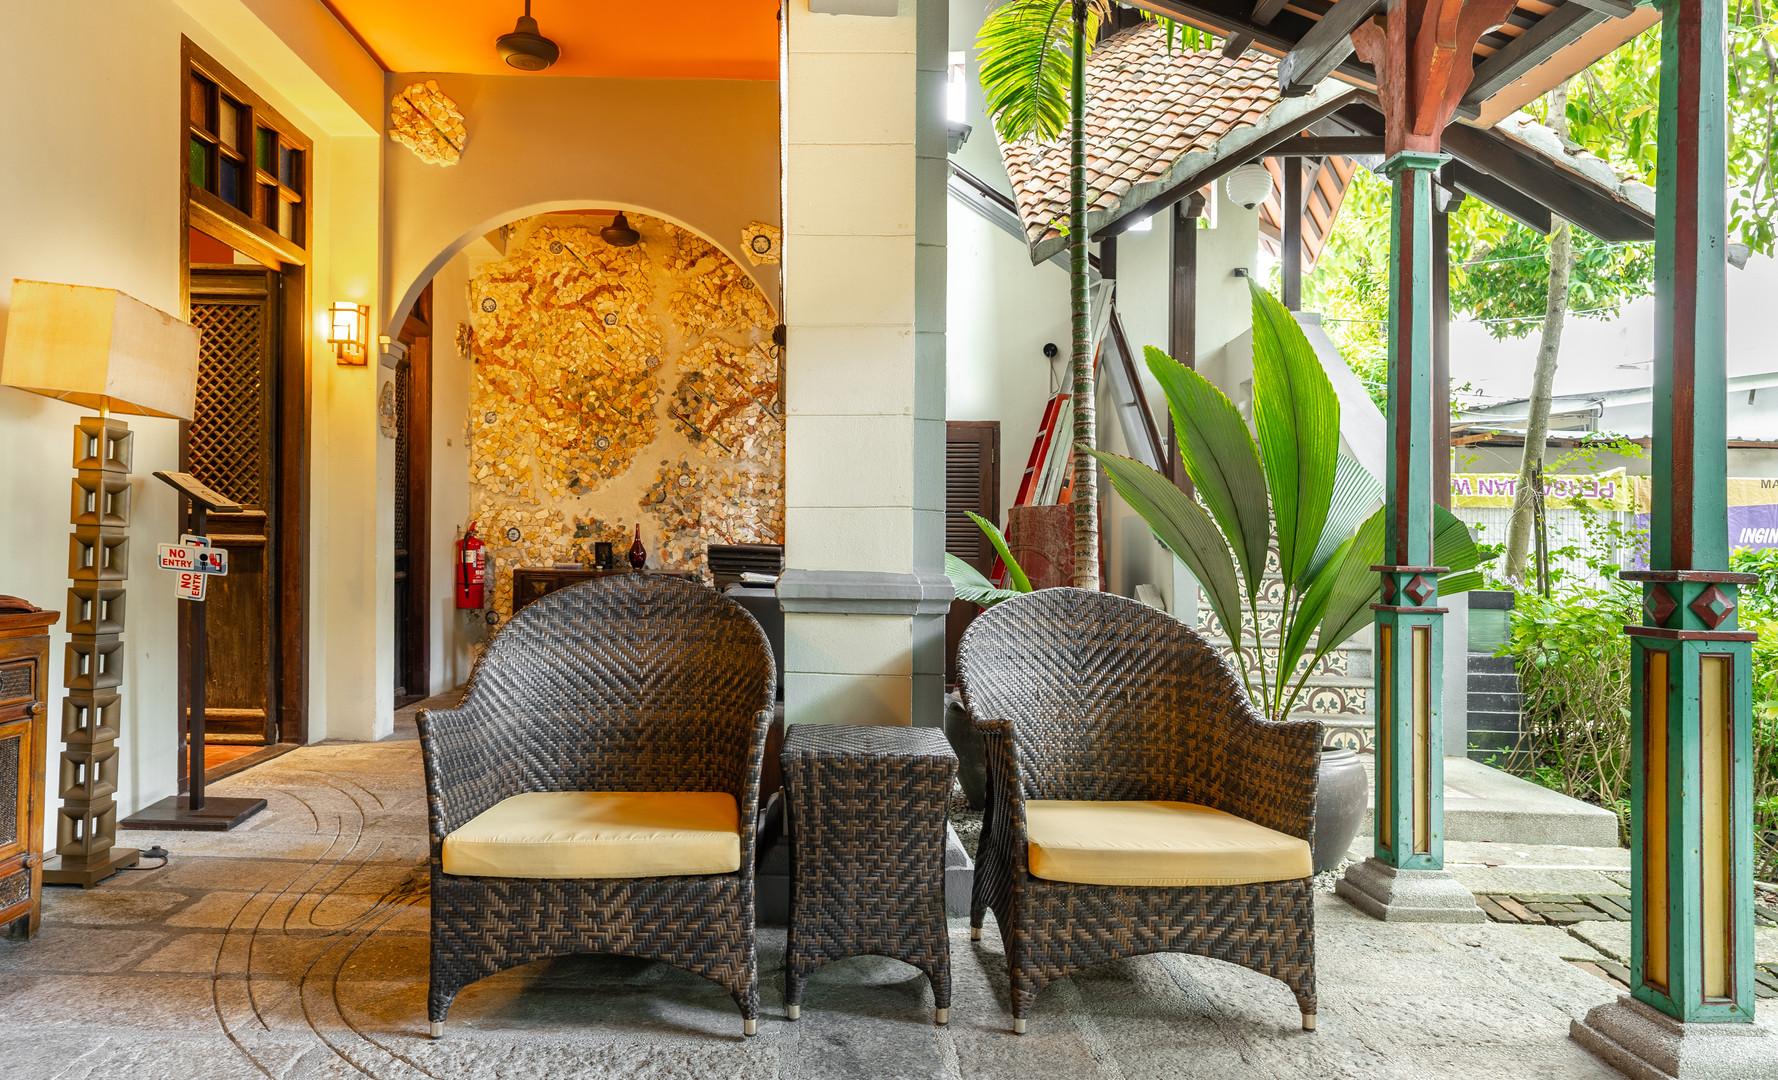 Hotel Penaga - Penaga Spa Waiting Area